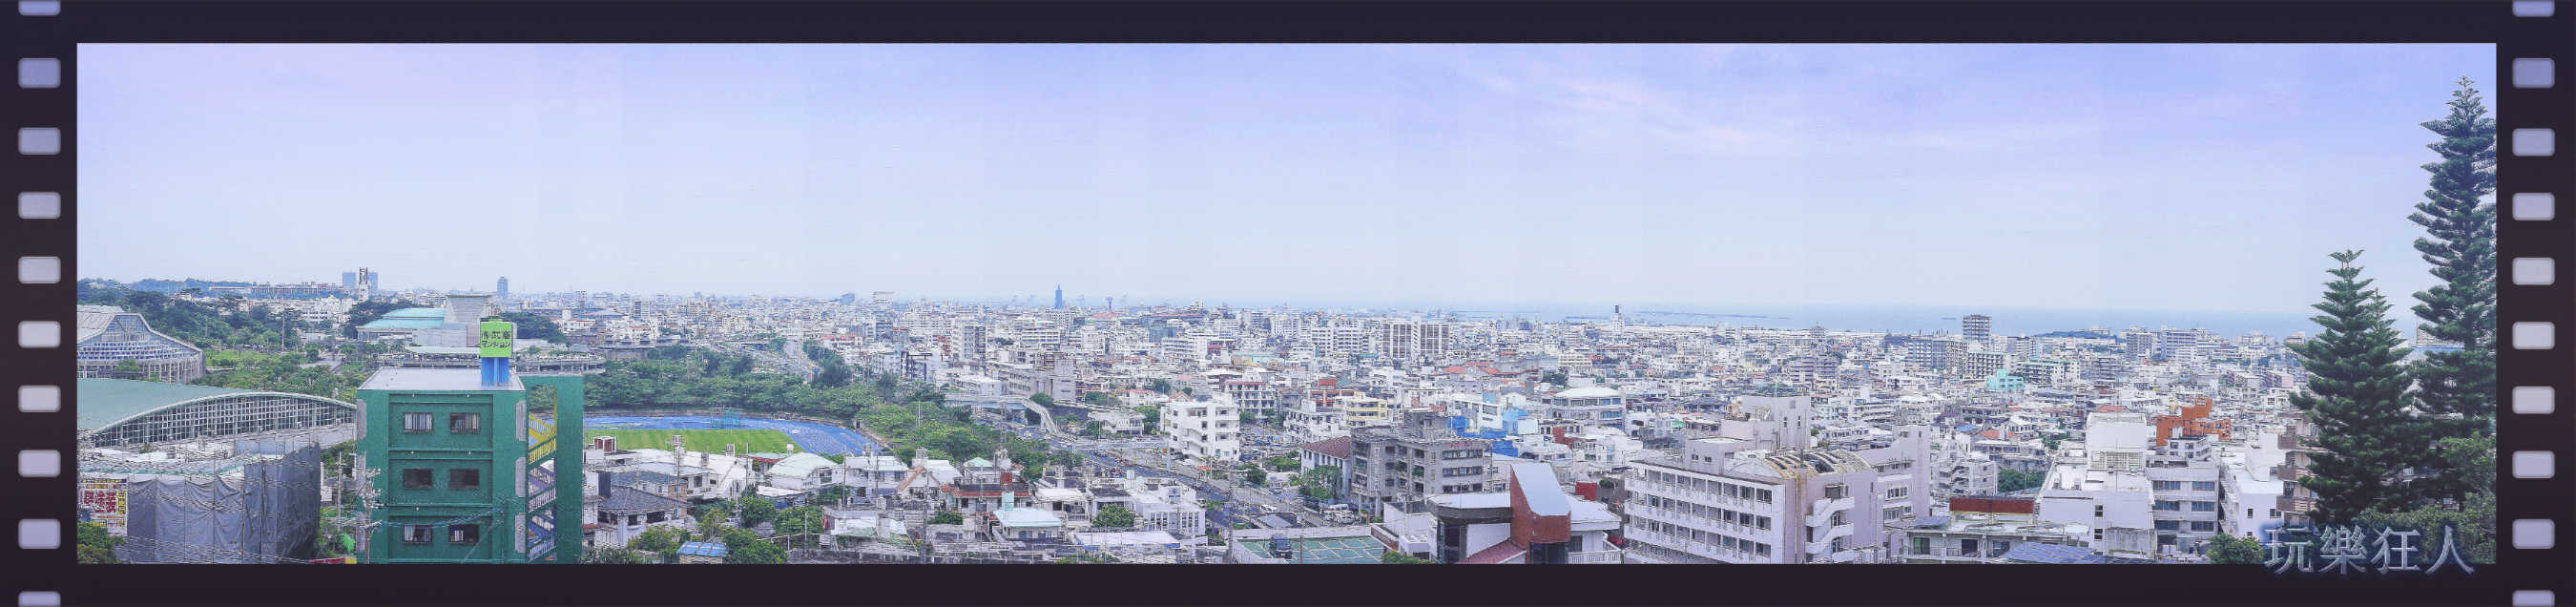 『浦添大公園』眺望台風景